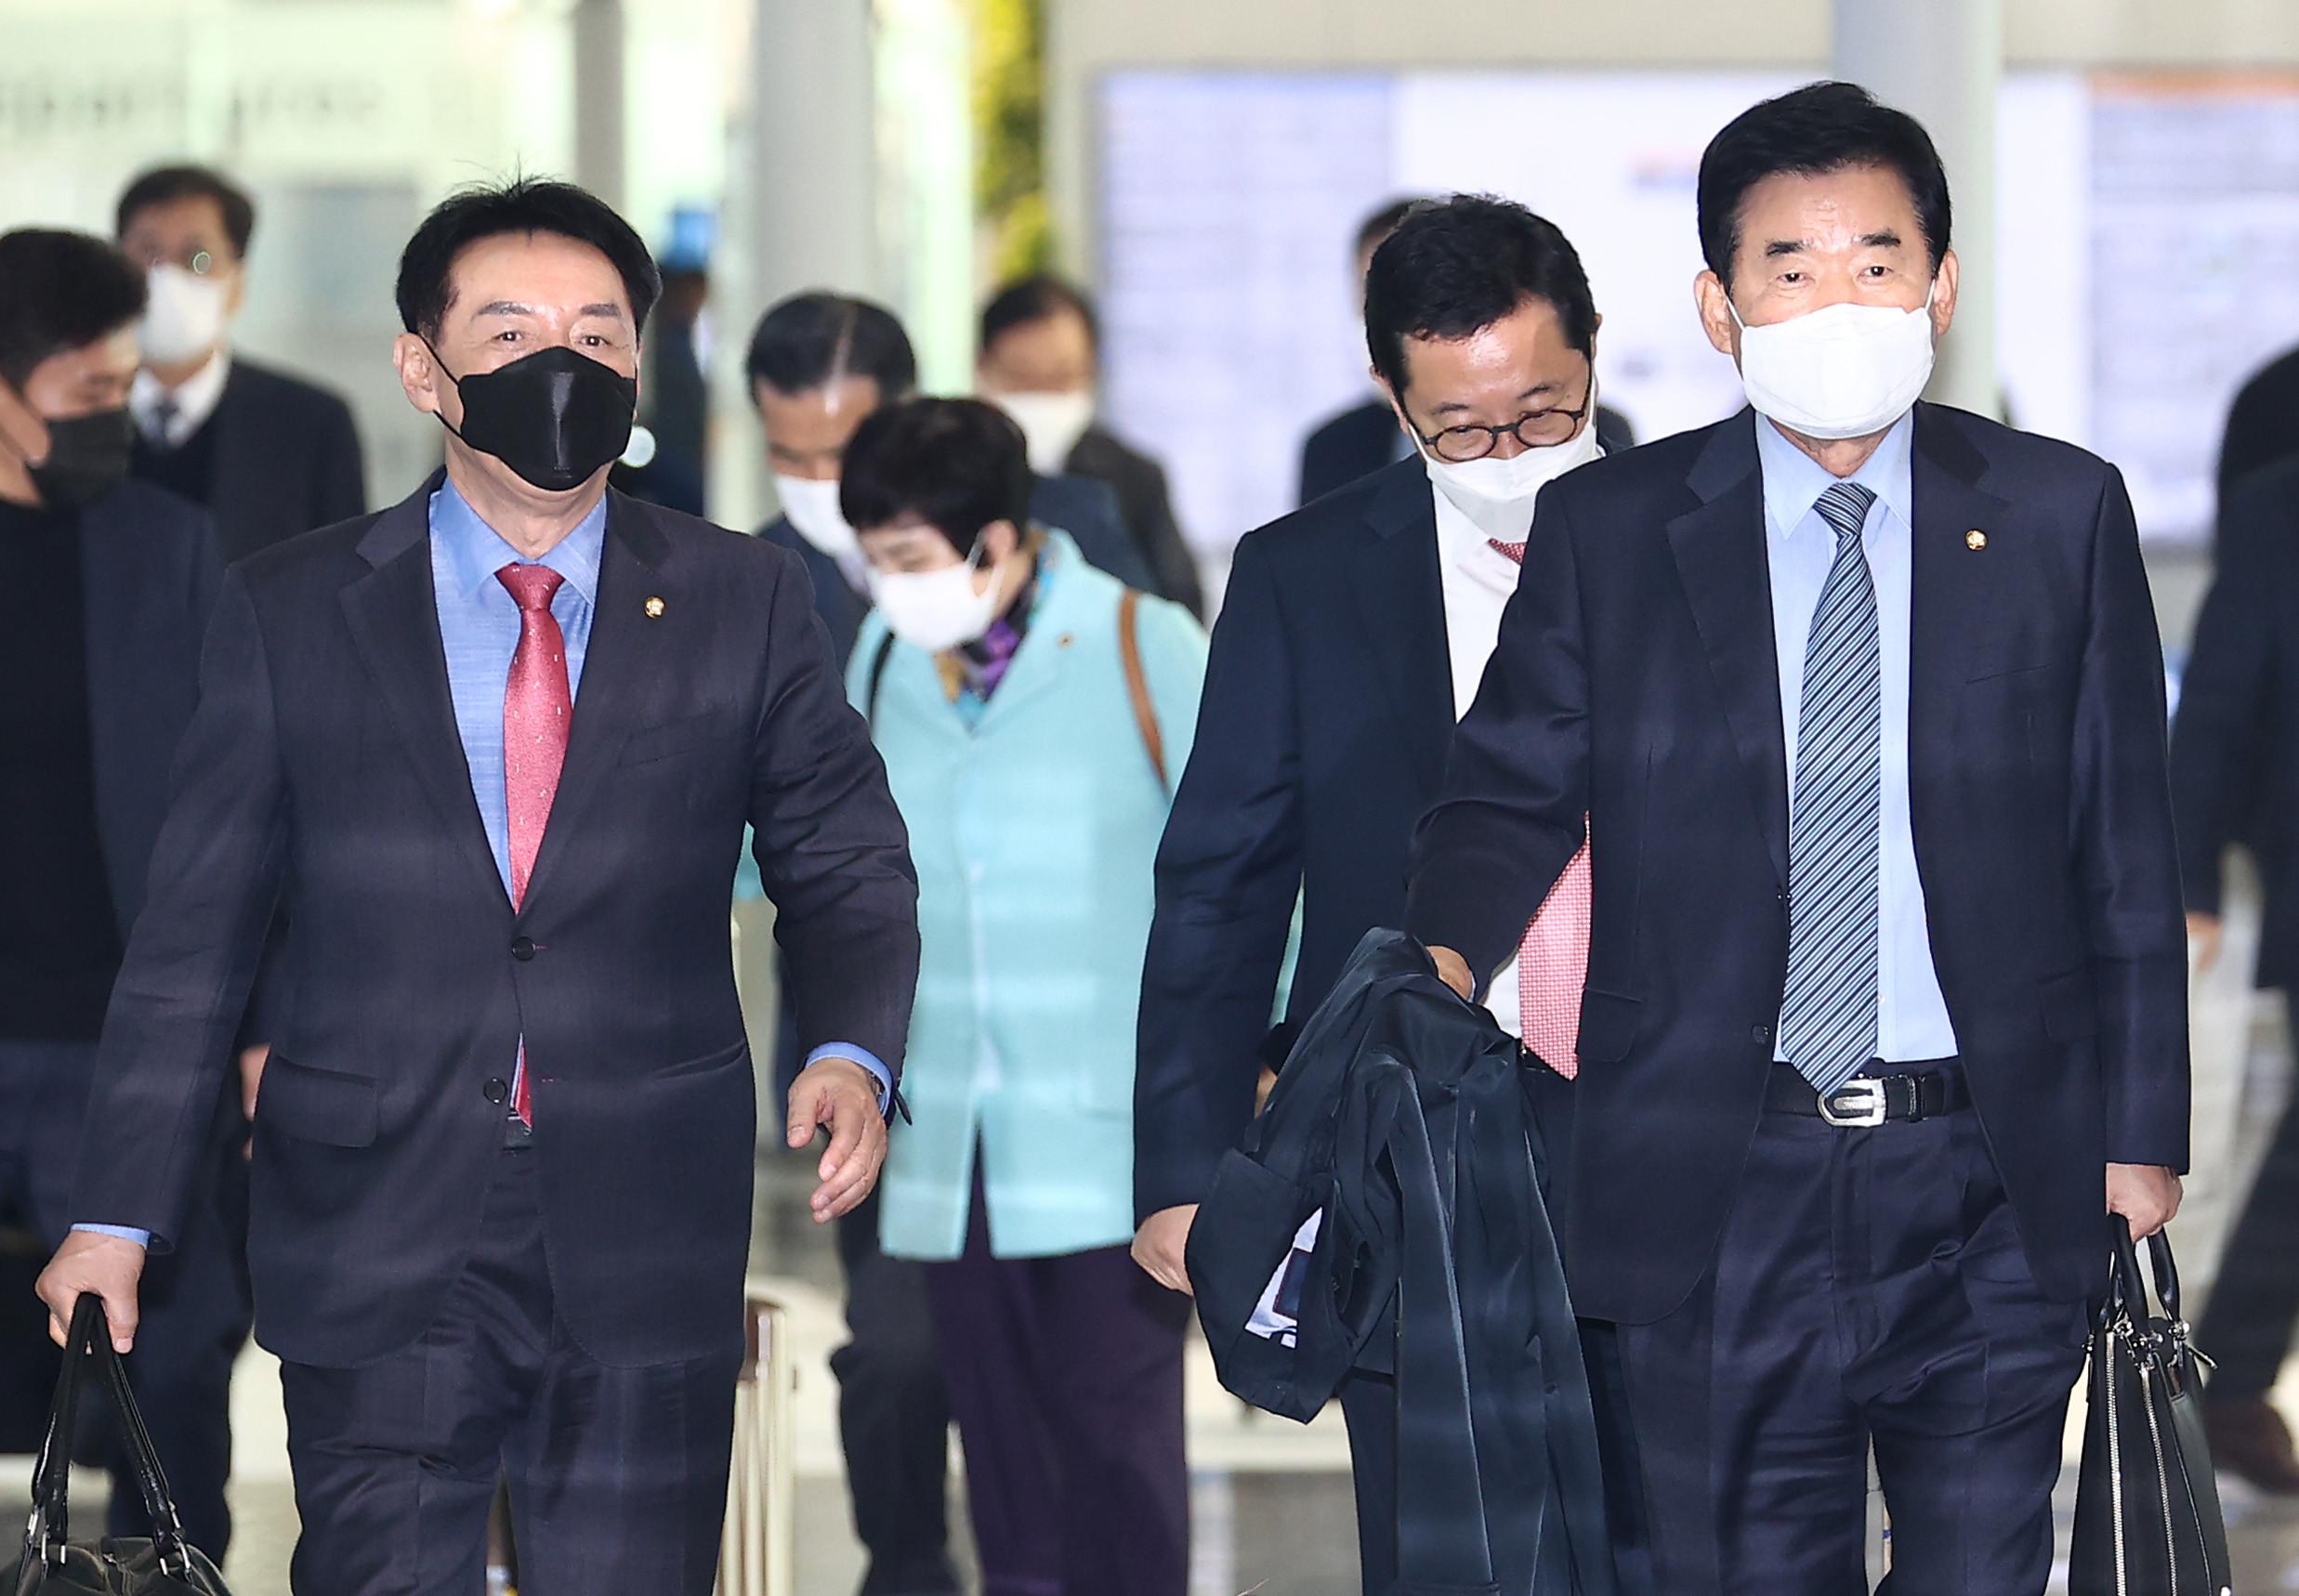 ▲▼南韓國會議員金珍杓、金碩基等人大陣仗出訪日本東京,並拜會菅義偉。(圖/達志影像)